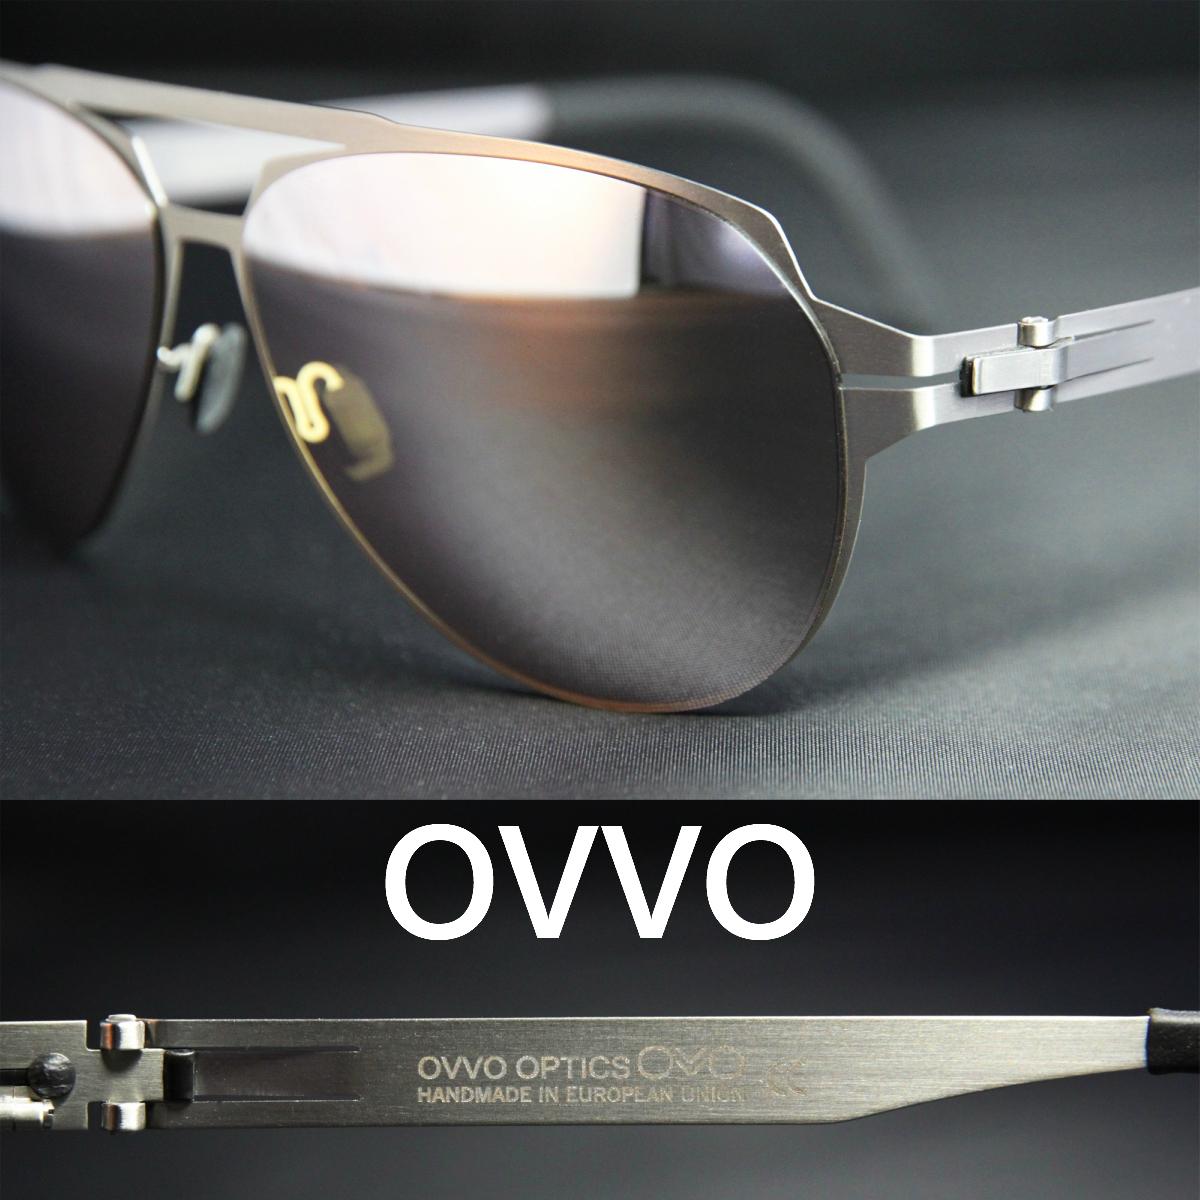 OVVO Sunglasses Titanium70/アビエーター ティアドロップ型 オッヴォ サングラス チタンフレーム ミラーレンズ UVカット メンズサングラス レディースサングラス